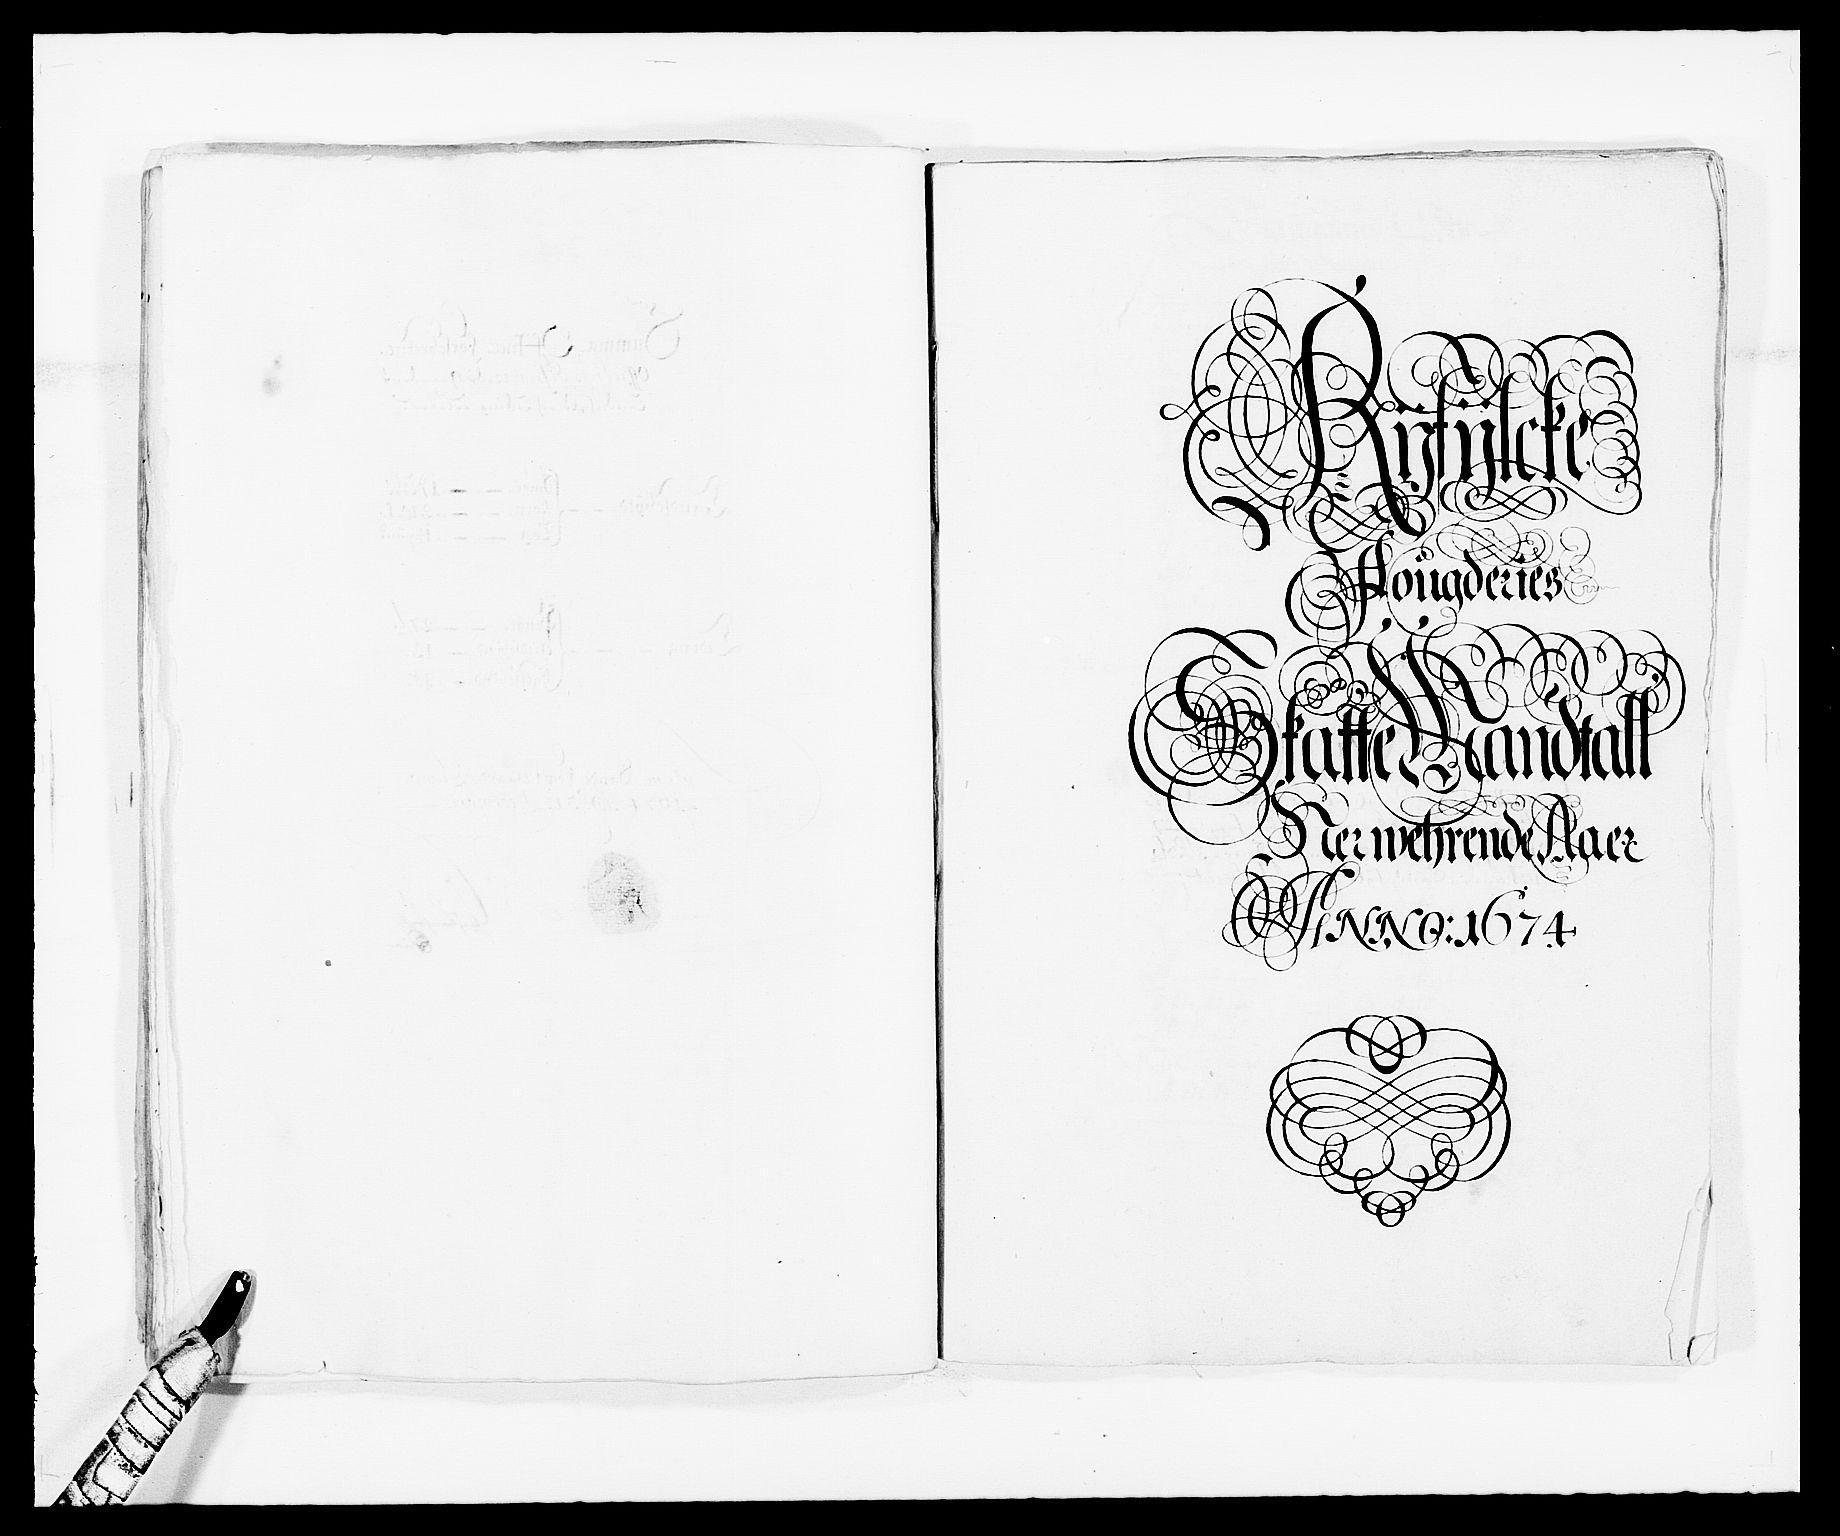 RA, Rentekammeret inntil 1814, Reviderte regnskaper, Fogderegnskap, R47/L2845: Fogderegnskap Ryfylke, 1674-1675, s. 50